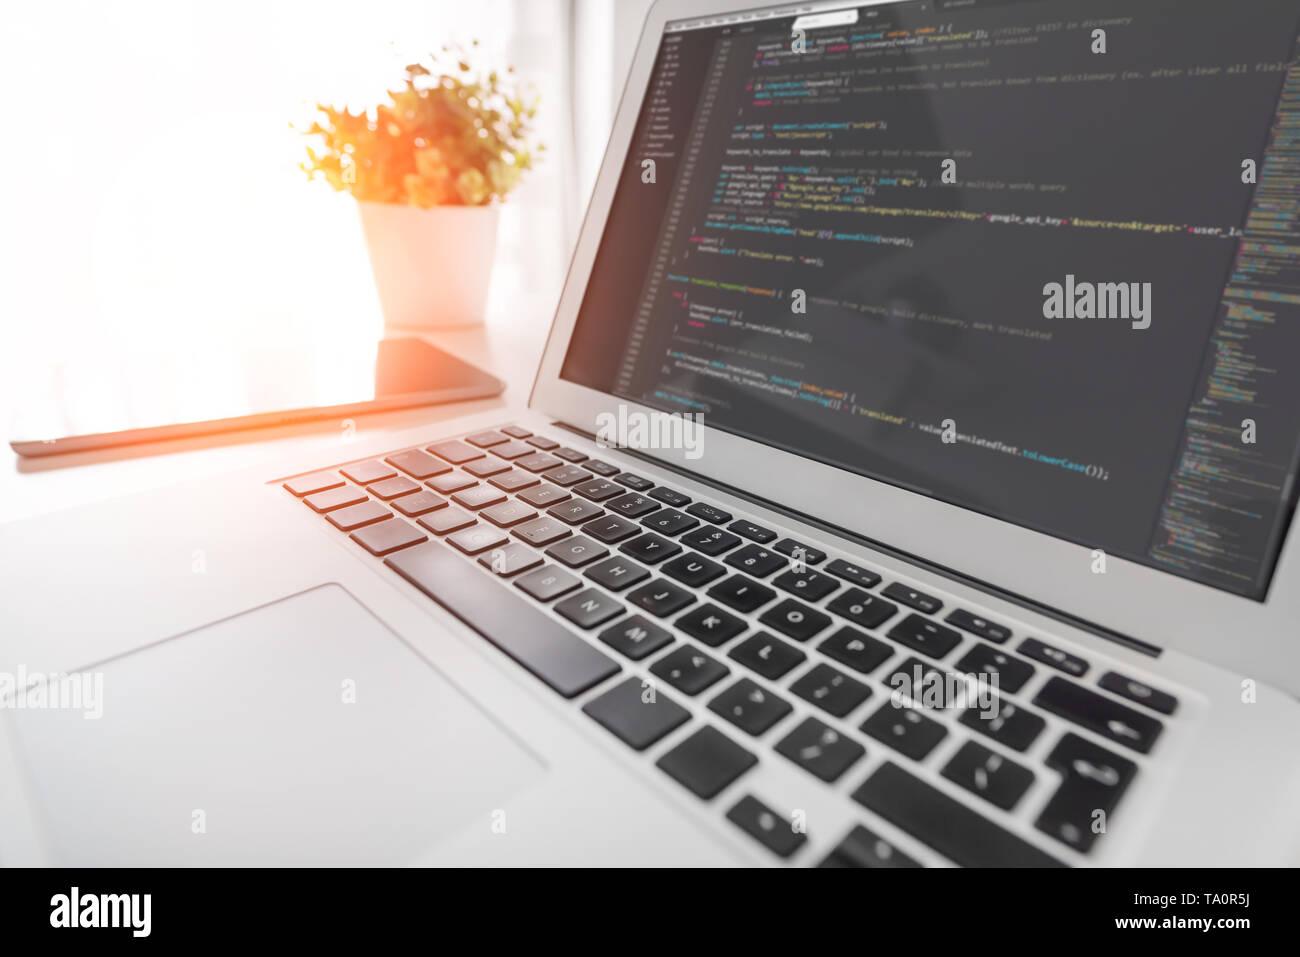 Programmierung Code auf dem Laptop Bildschirm. Code Sprache, Web site Entwickler am Arbeitsplatz im Büro. Stockfoto